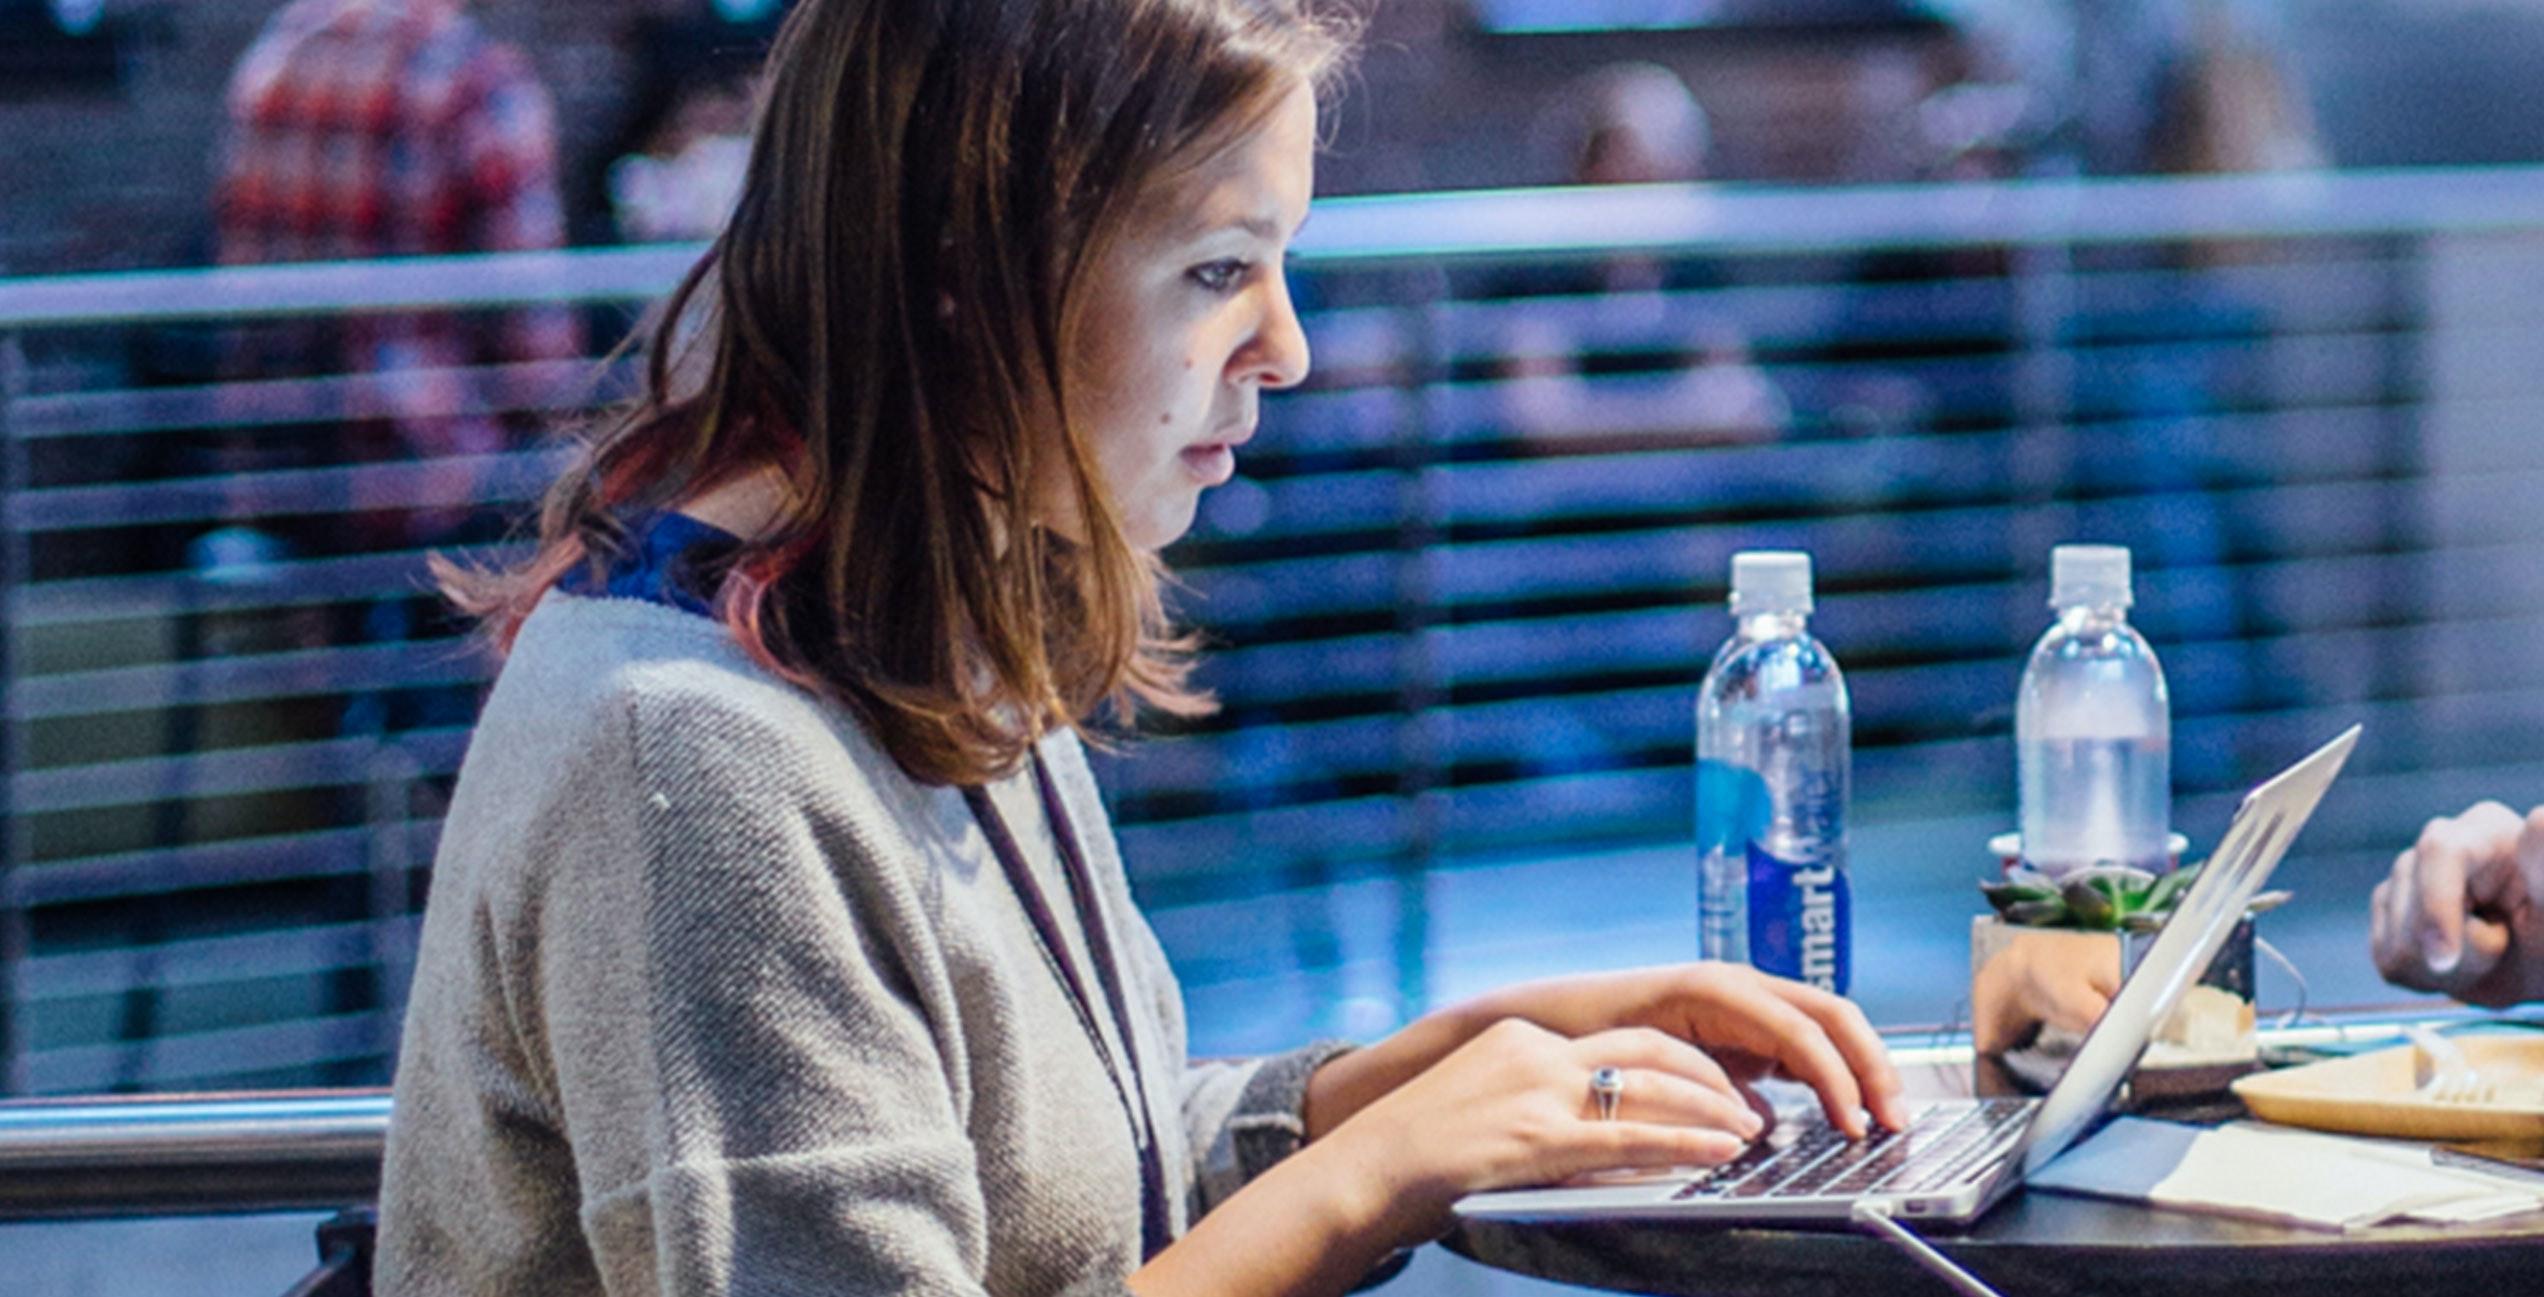 HashiCorp employee working on laptop.